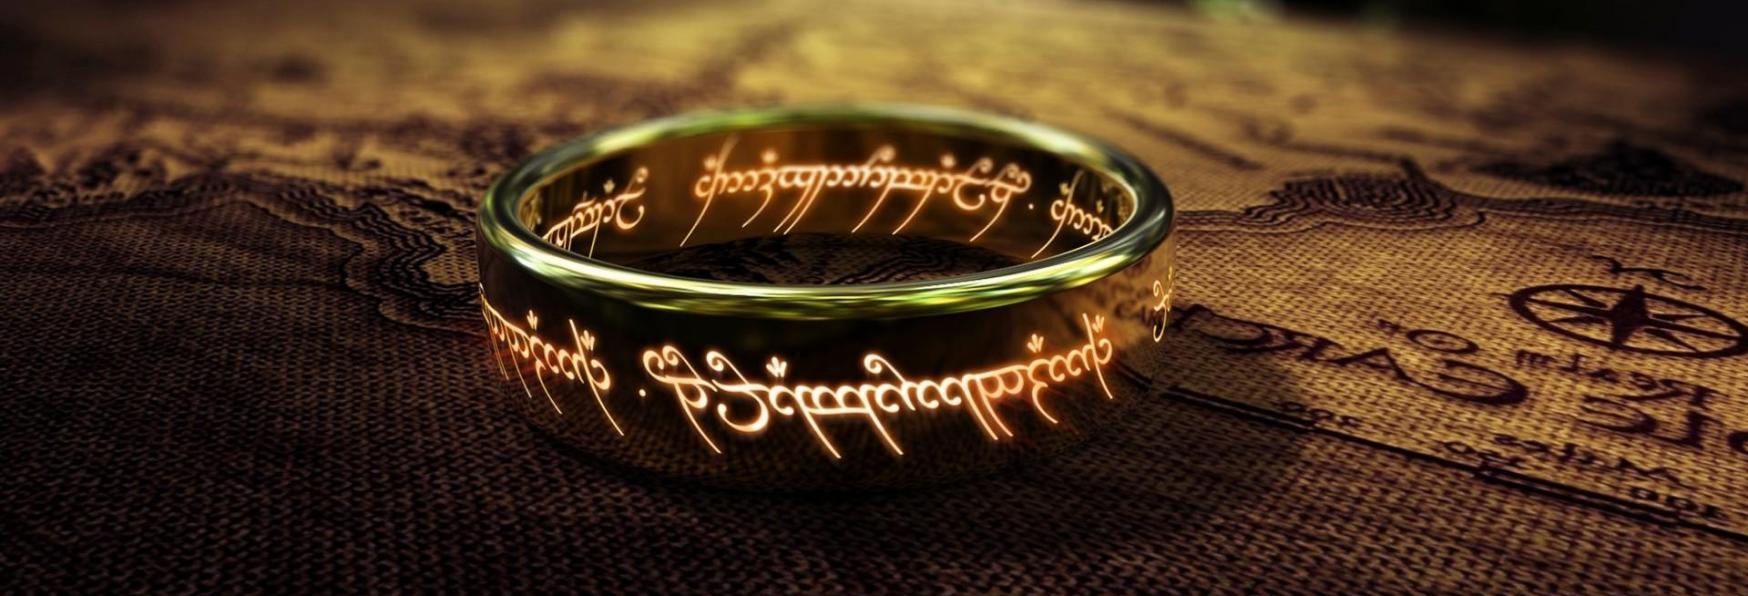 il signore degli anelli amazon